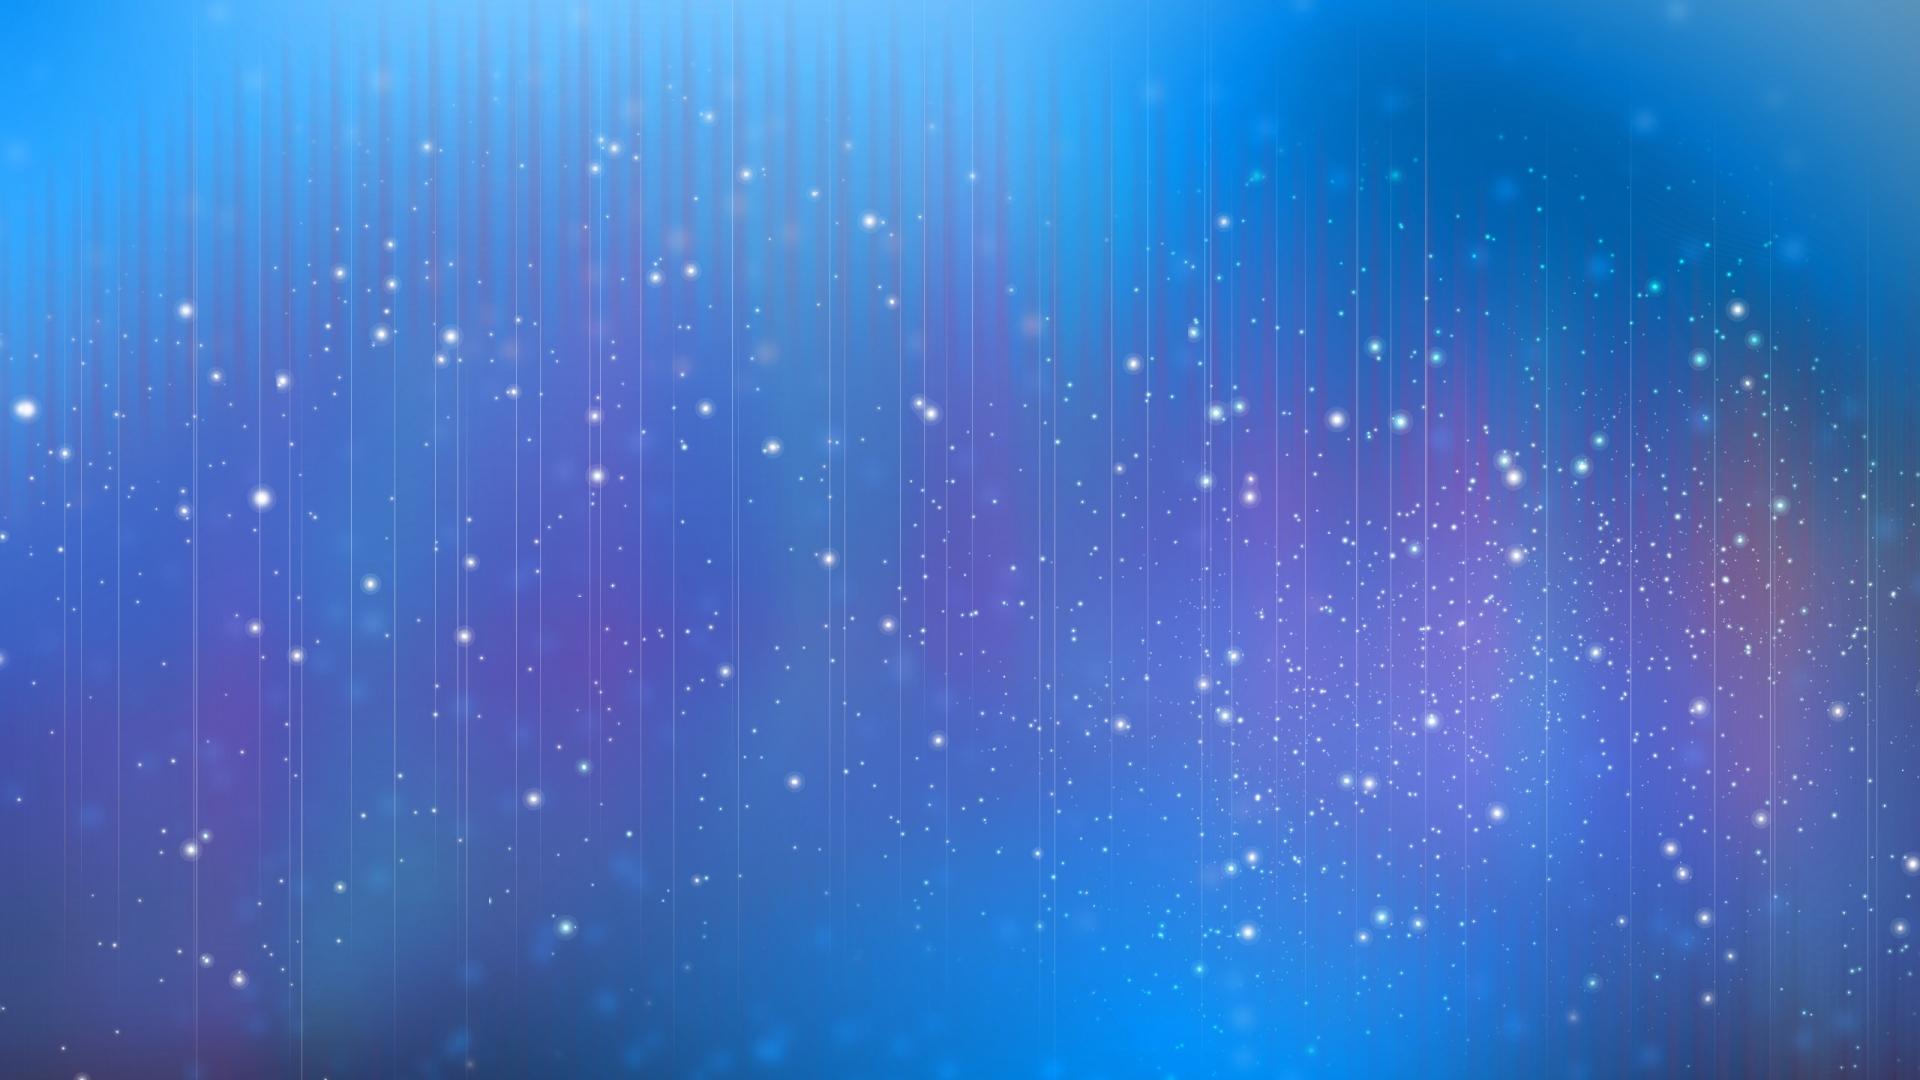 stardust wallpaper hd wallpapers